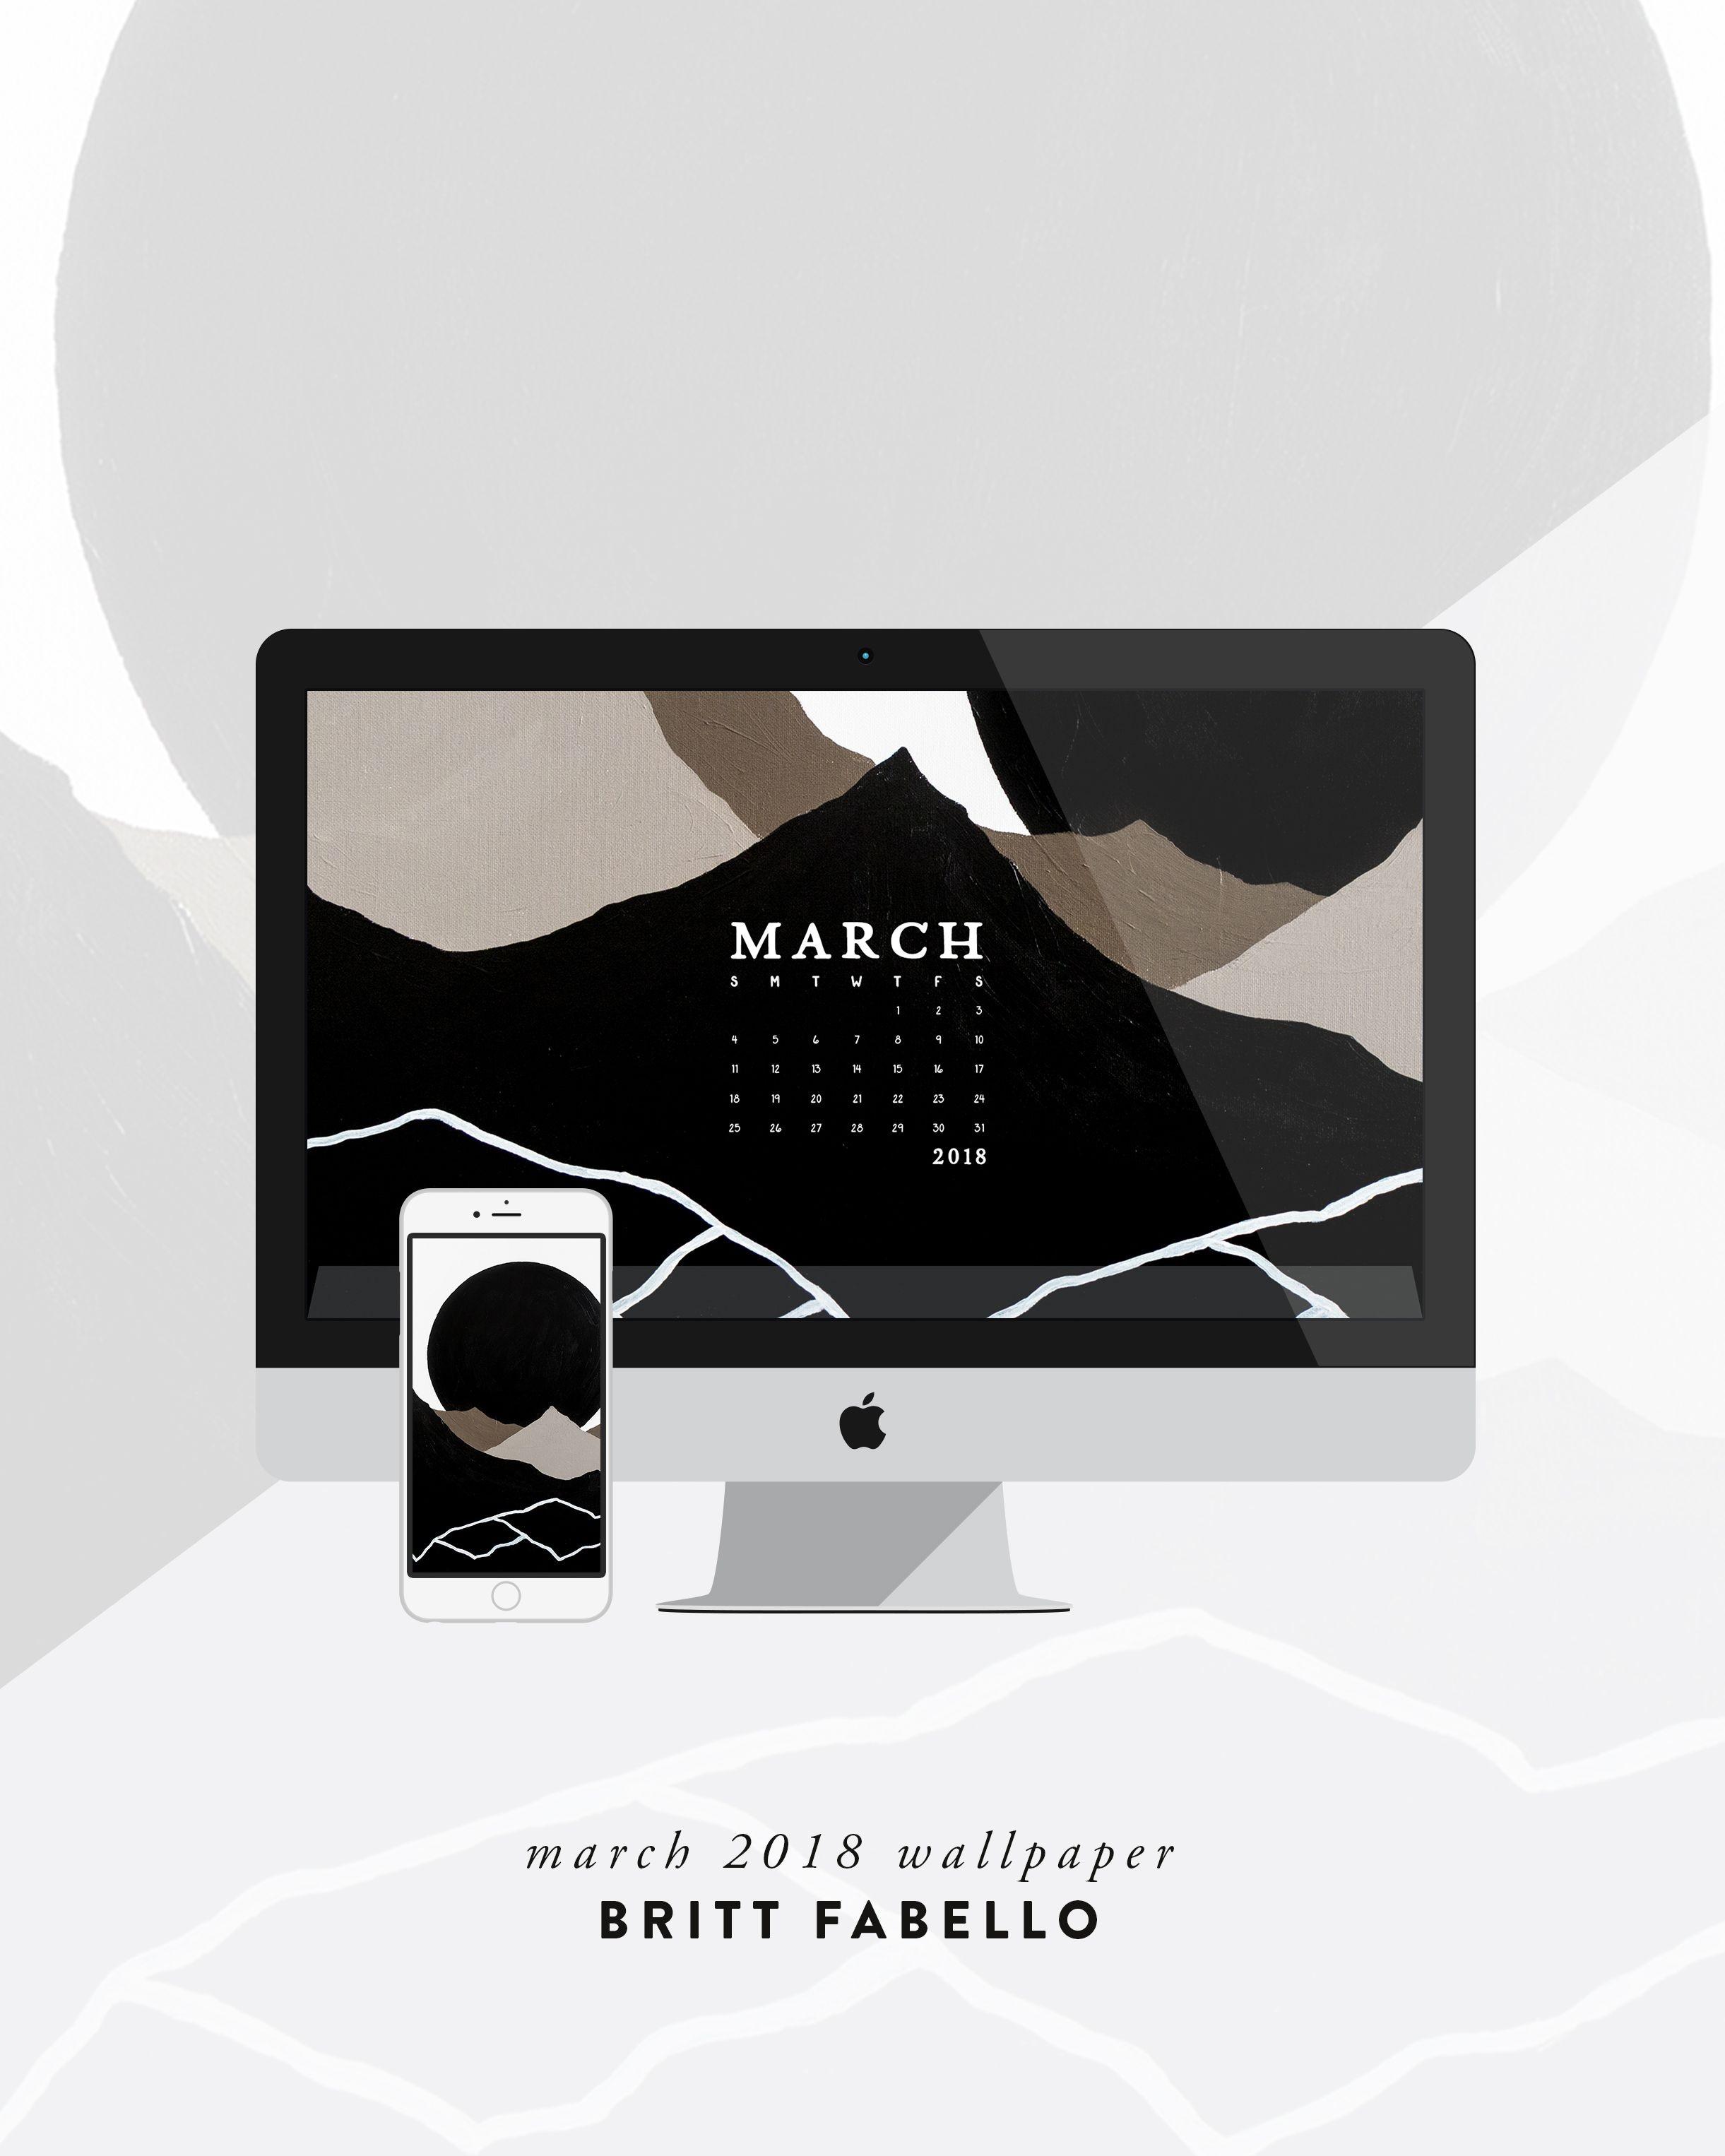 March Calendar Art Recientes March 2018 Desktop Wallpaper by Britt Fabello Of March Calendar Art Más Actual Templates for Powerpoint Swimlane Template Luxury A E A Calendar